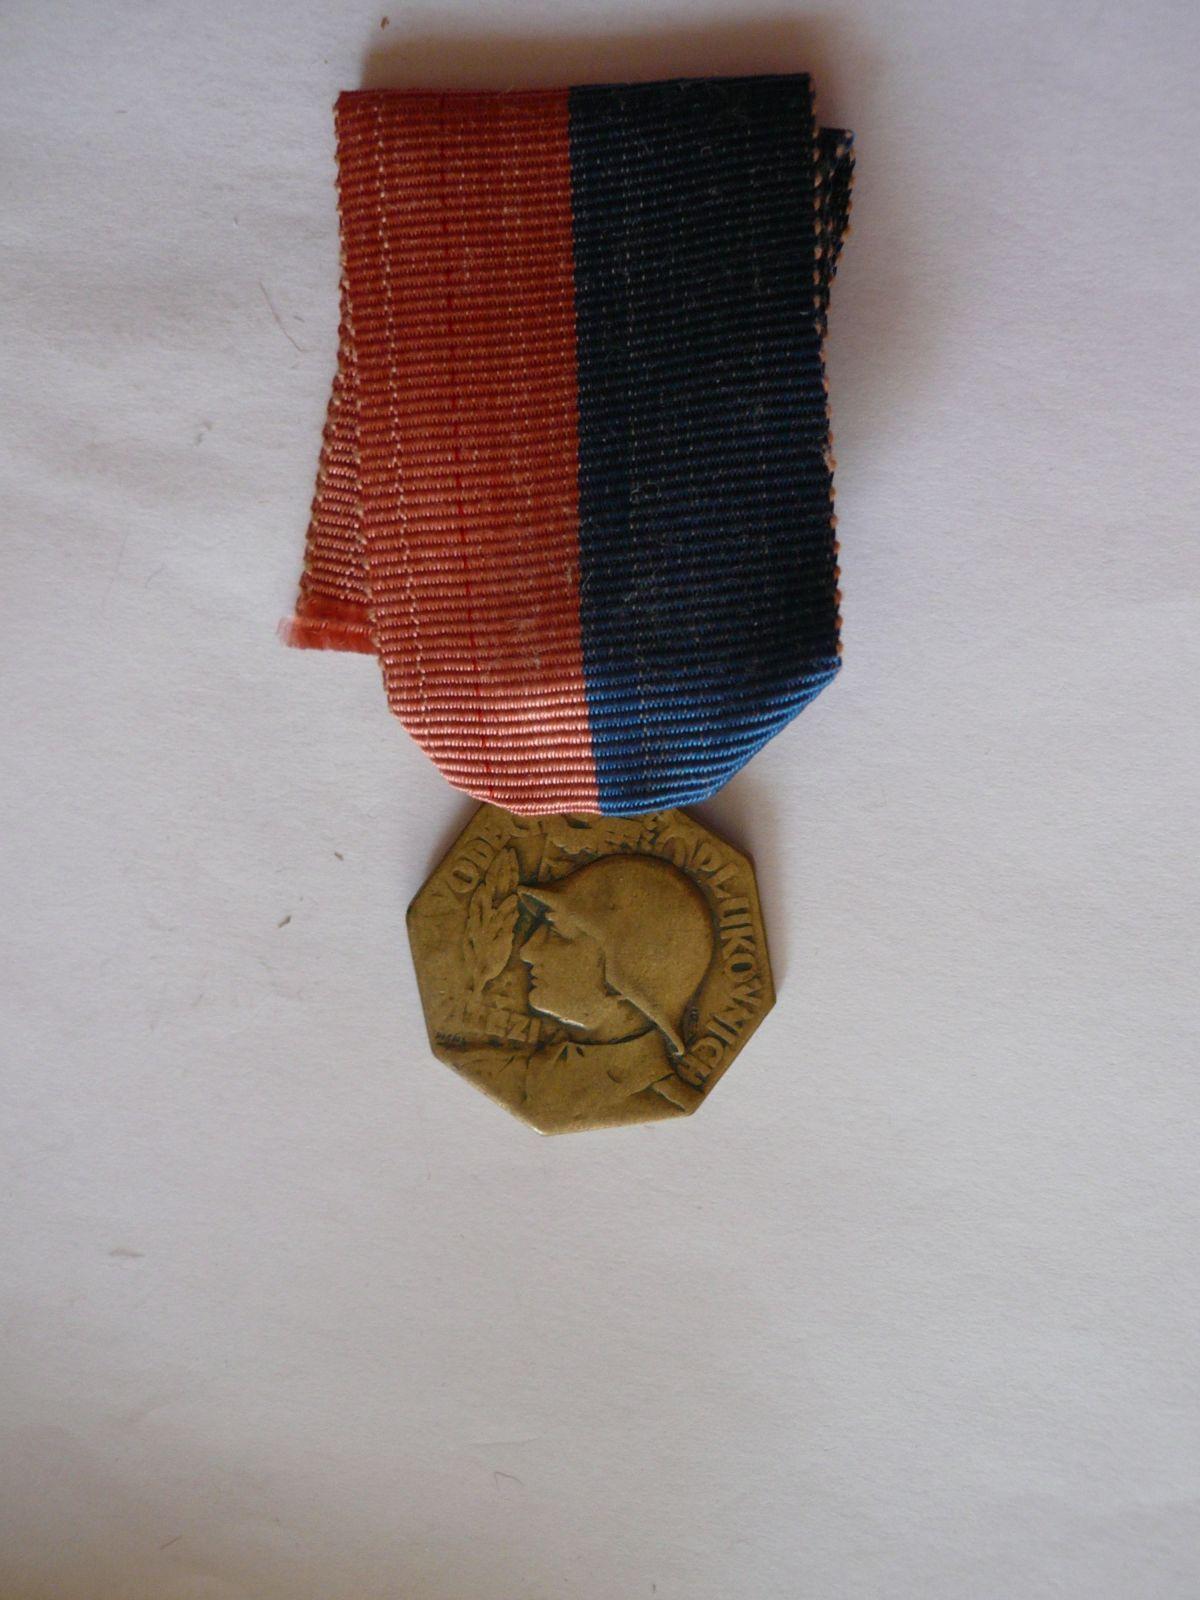 Vítěz v plukovních závodech, ČSR